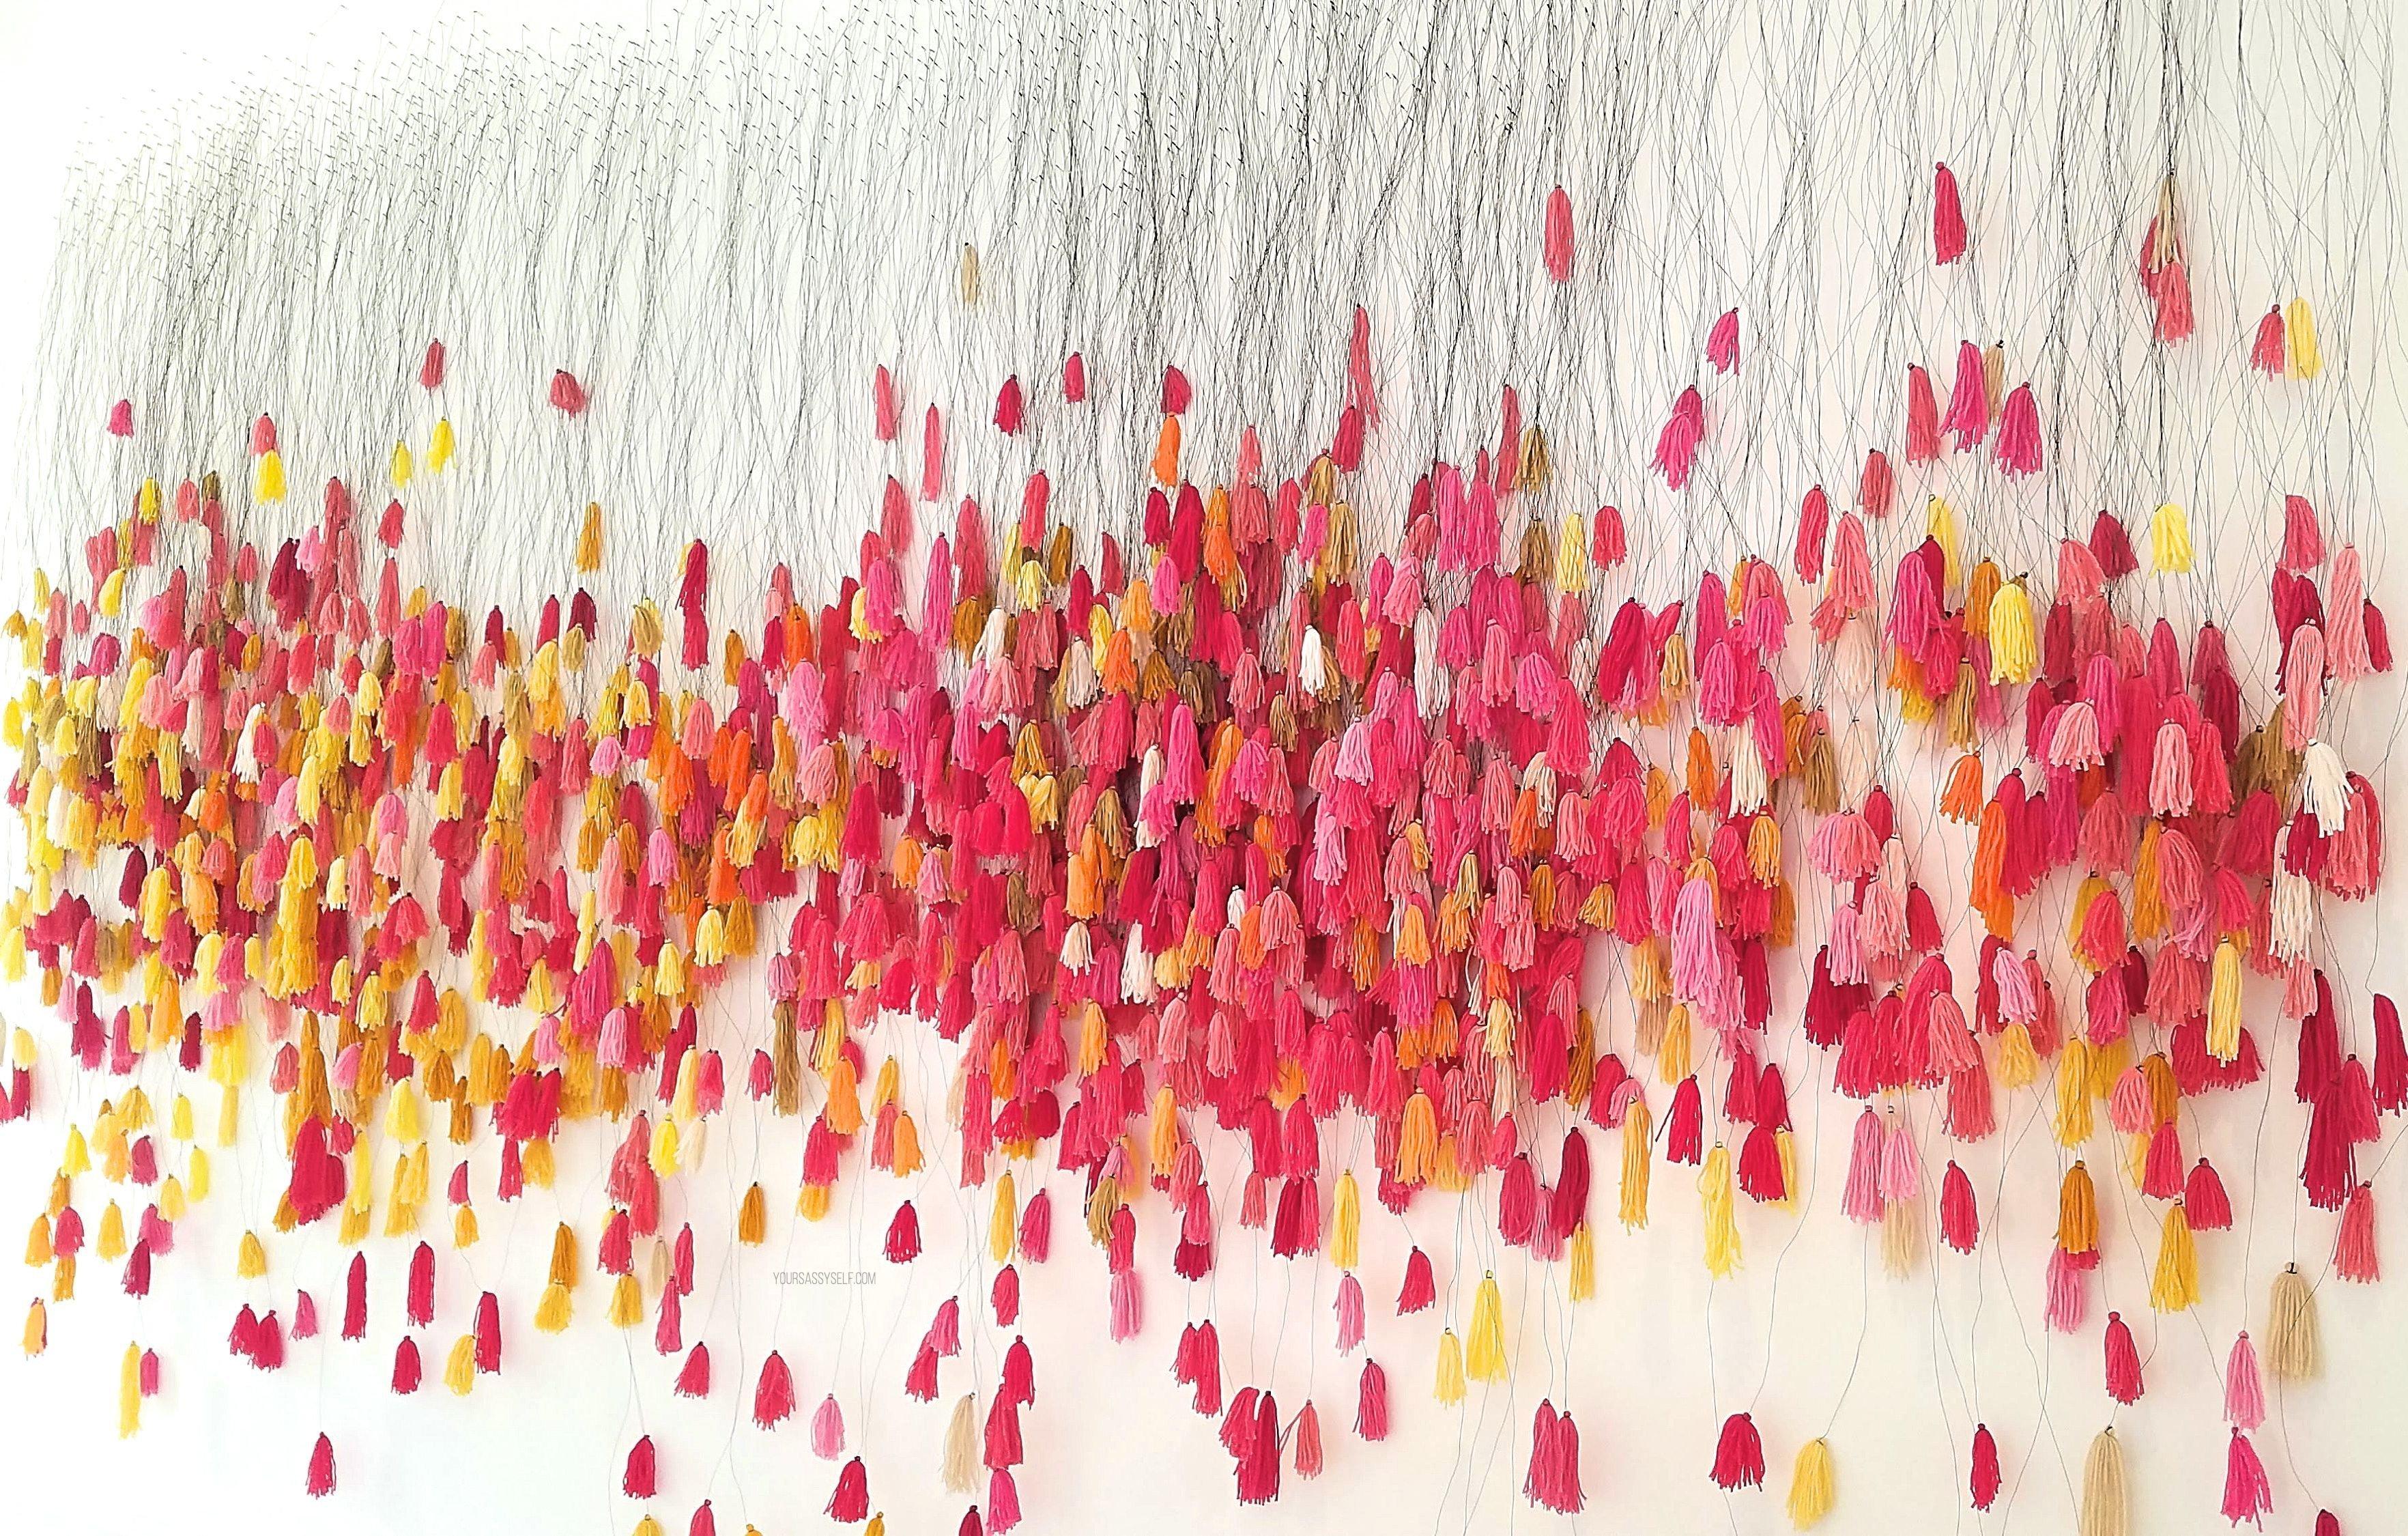 Red Orange Yellow Pink Tapestry - yoursassyself.com